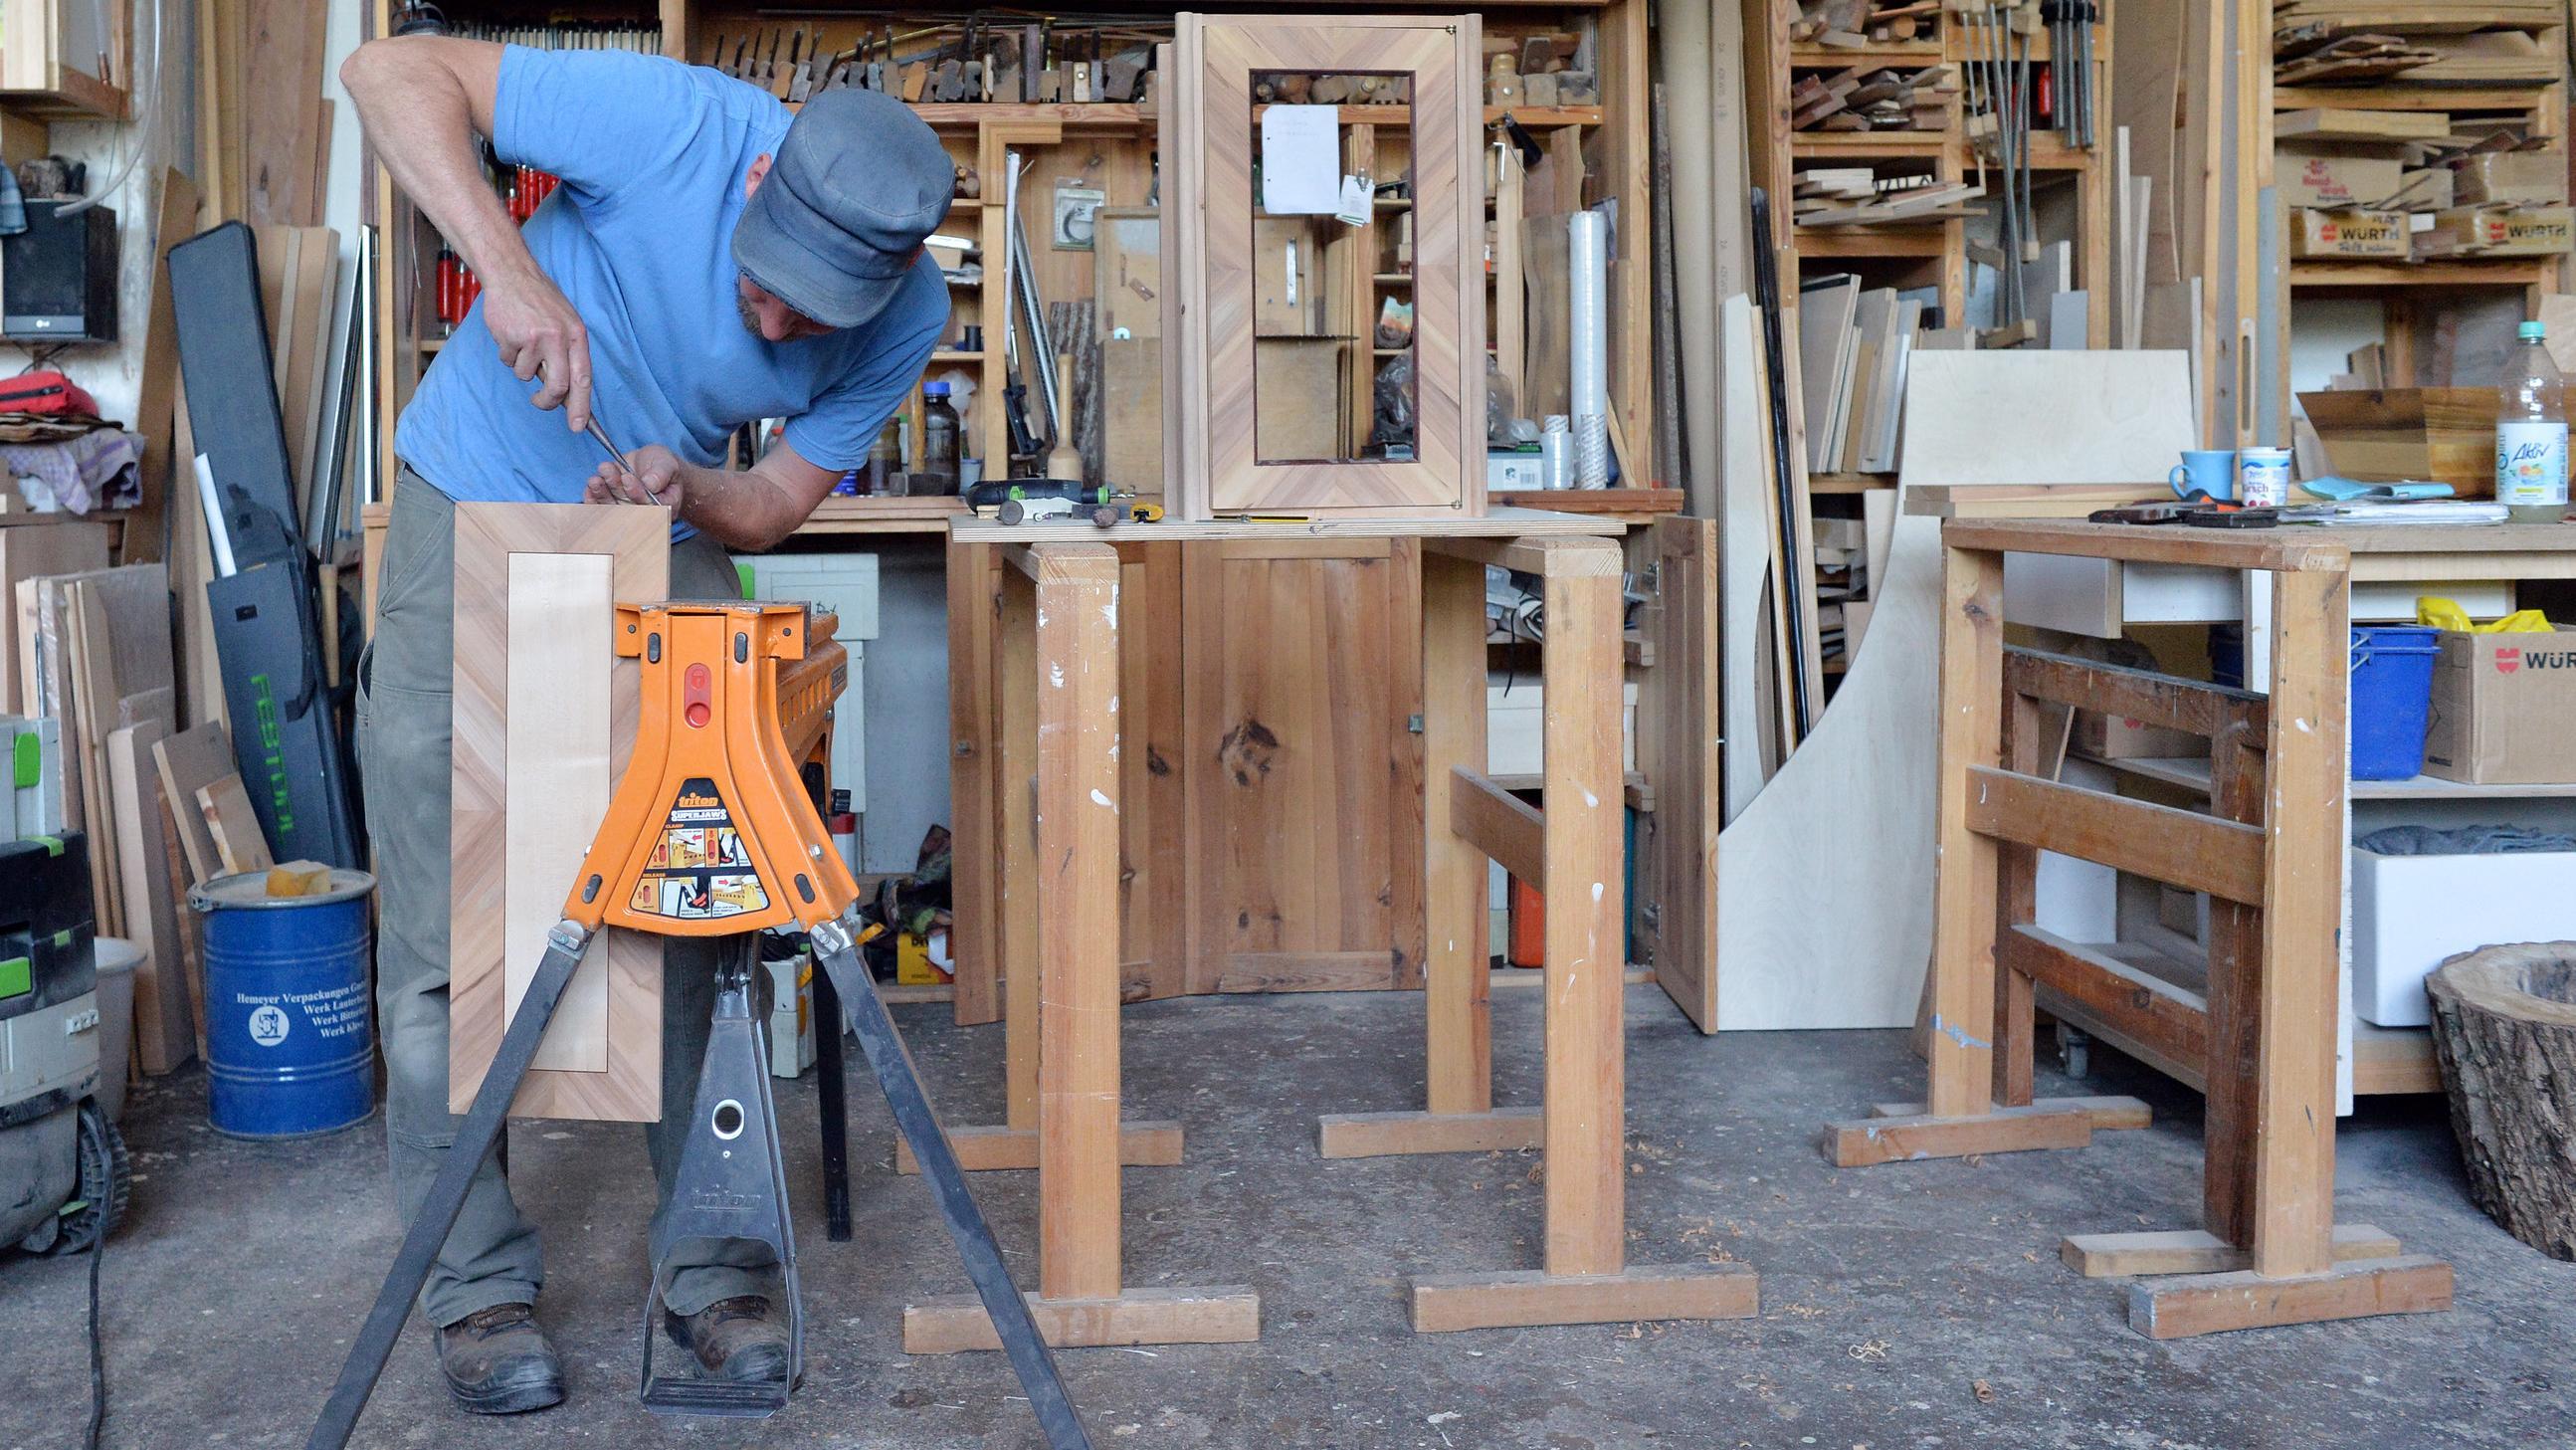 Tischler arbeitet in seiner Werkstatt an einem Wandschrank